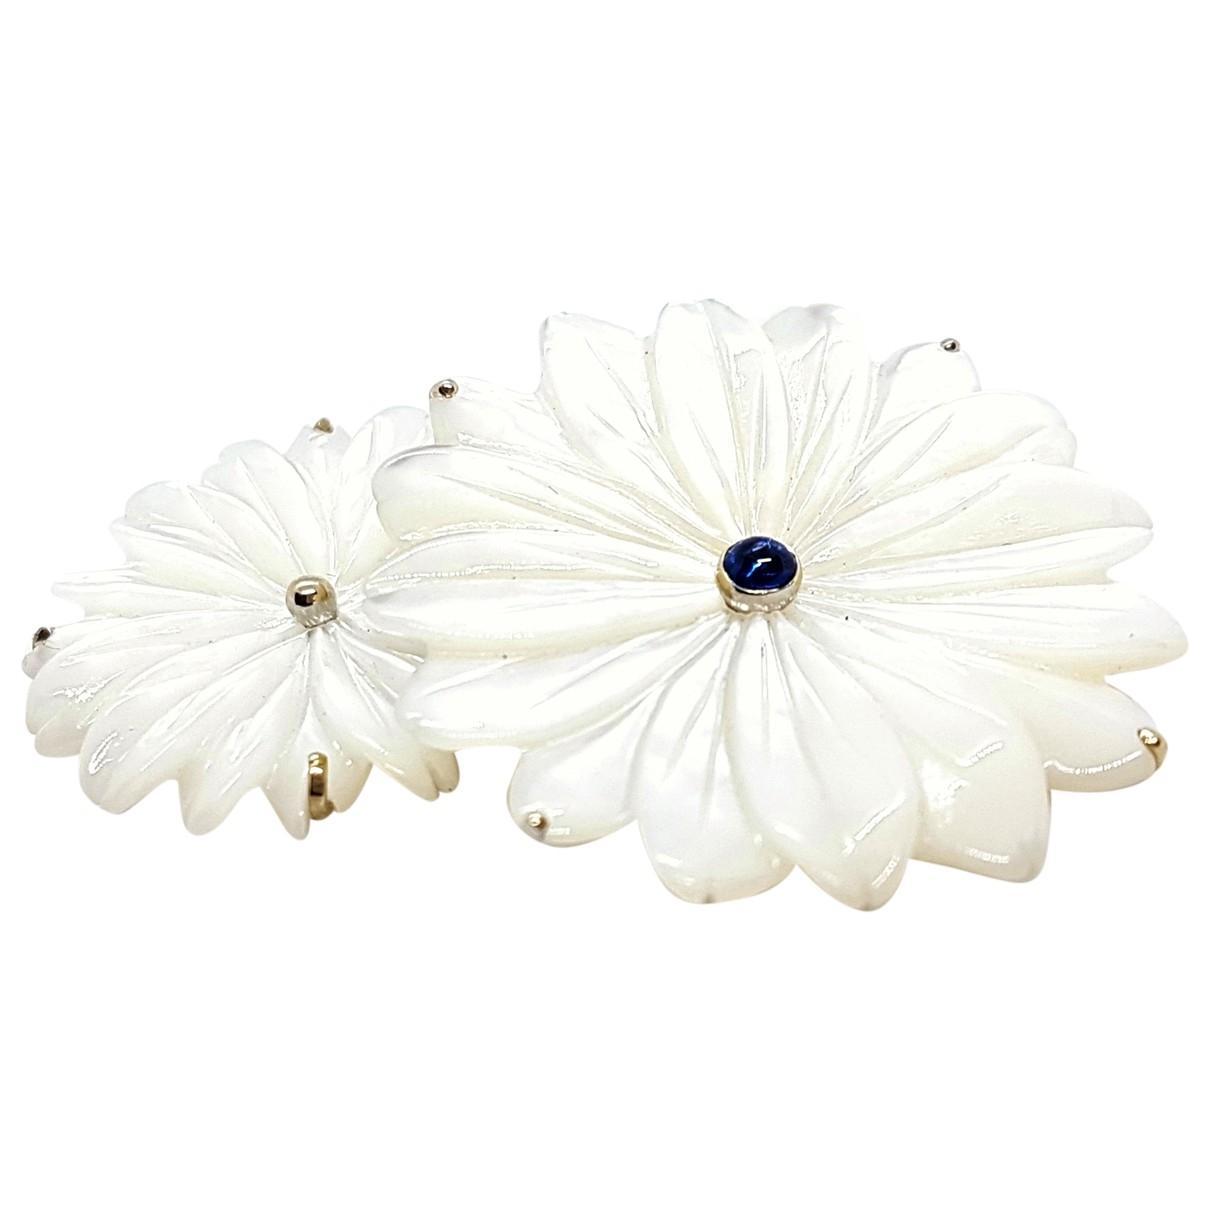 Broche Motifs Floraux de Oro blanco Non Signe / Unsigned